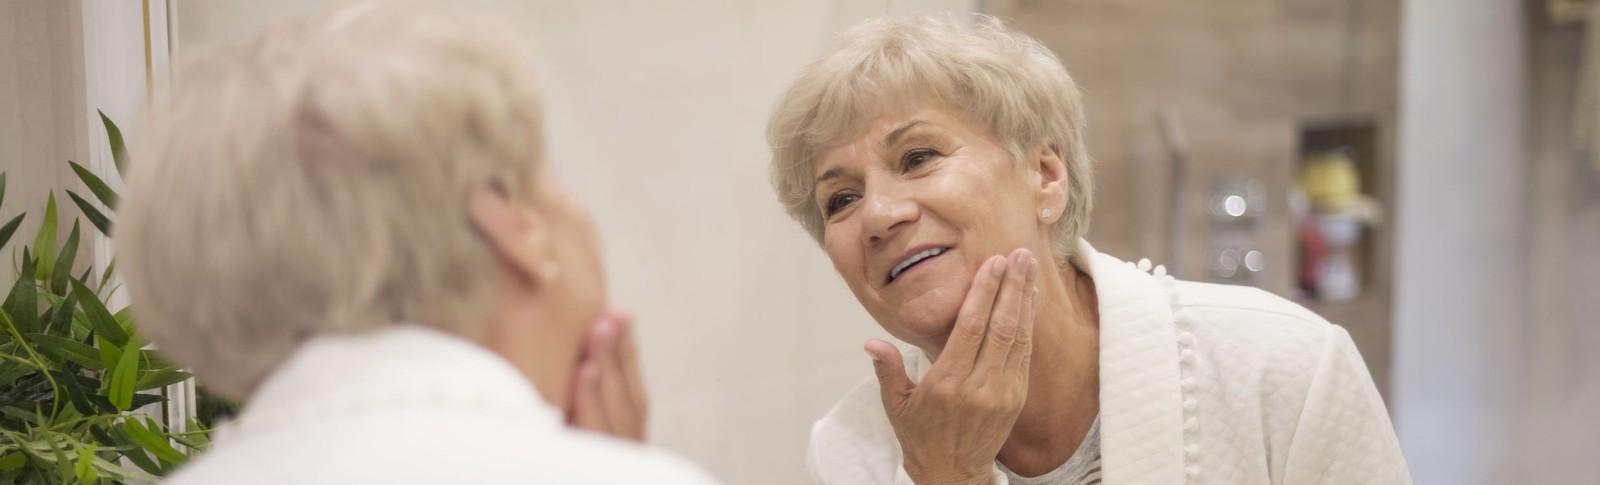 Ältere Frau betrachtet das Ergebnis ihrer Eigenfettunterspritzung im Gesicht in den Moser Kliniken im Spiegel